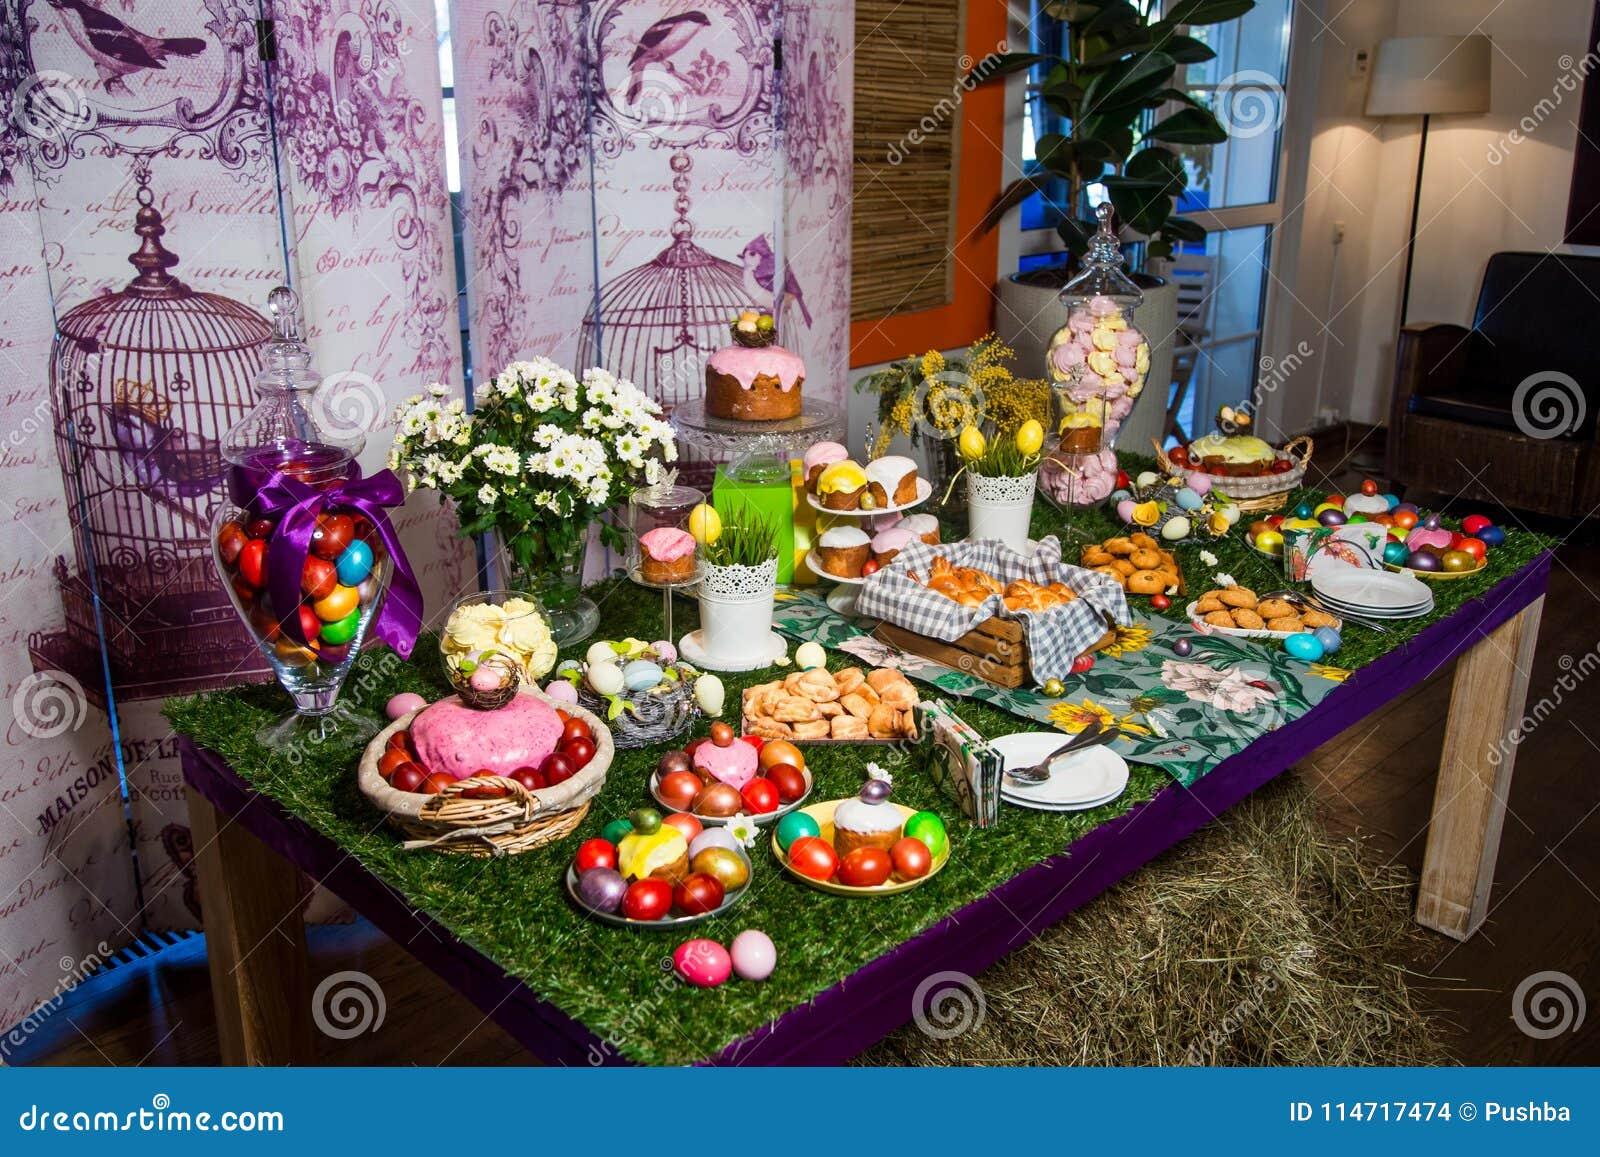 Una tabla de madera con un mantel herboso y las invitaciones de Pascua: huevos, tortas, huevos de chocolate, merengues